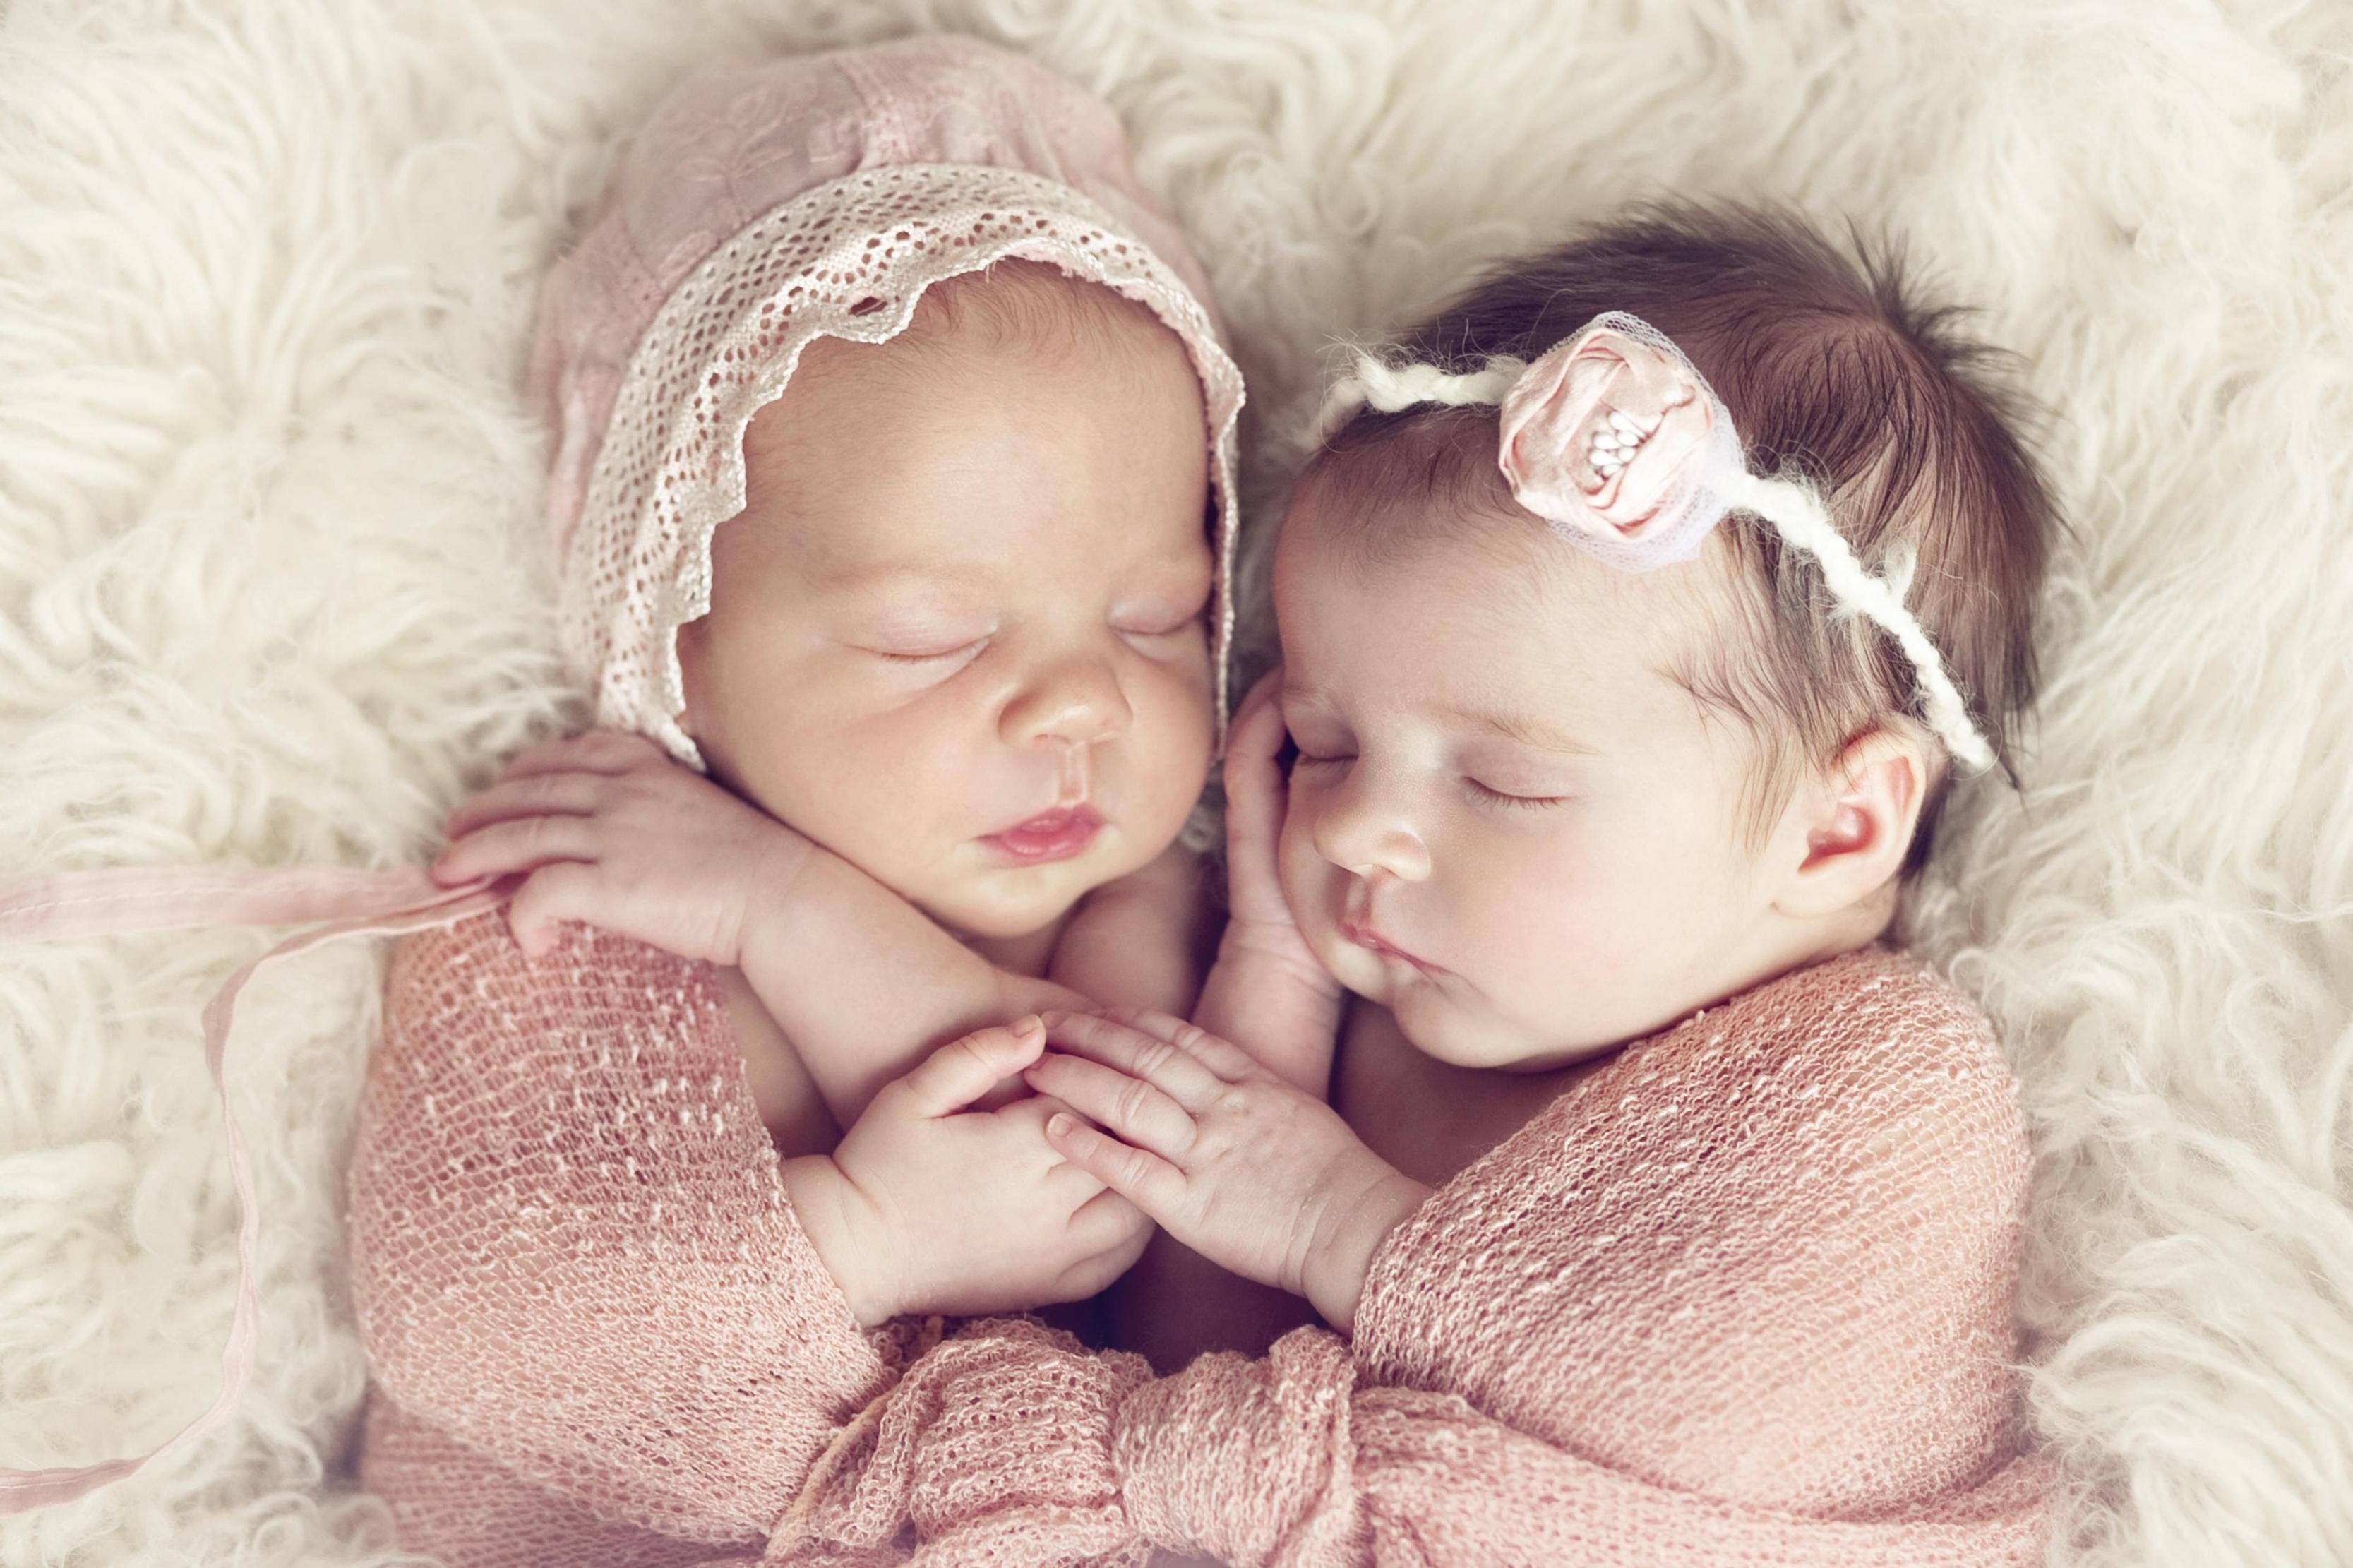 صور صور ولد وبنت , اجمل صور الولاد والبنات